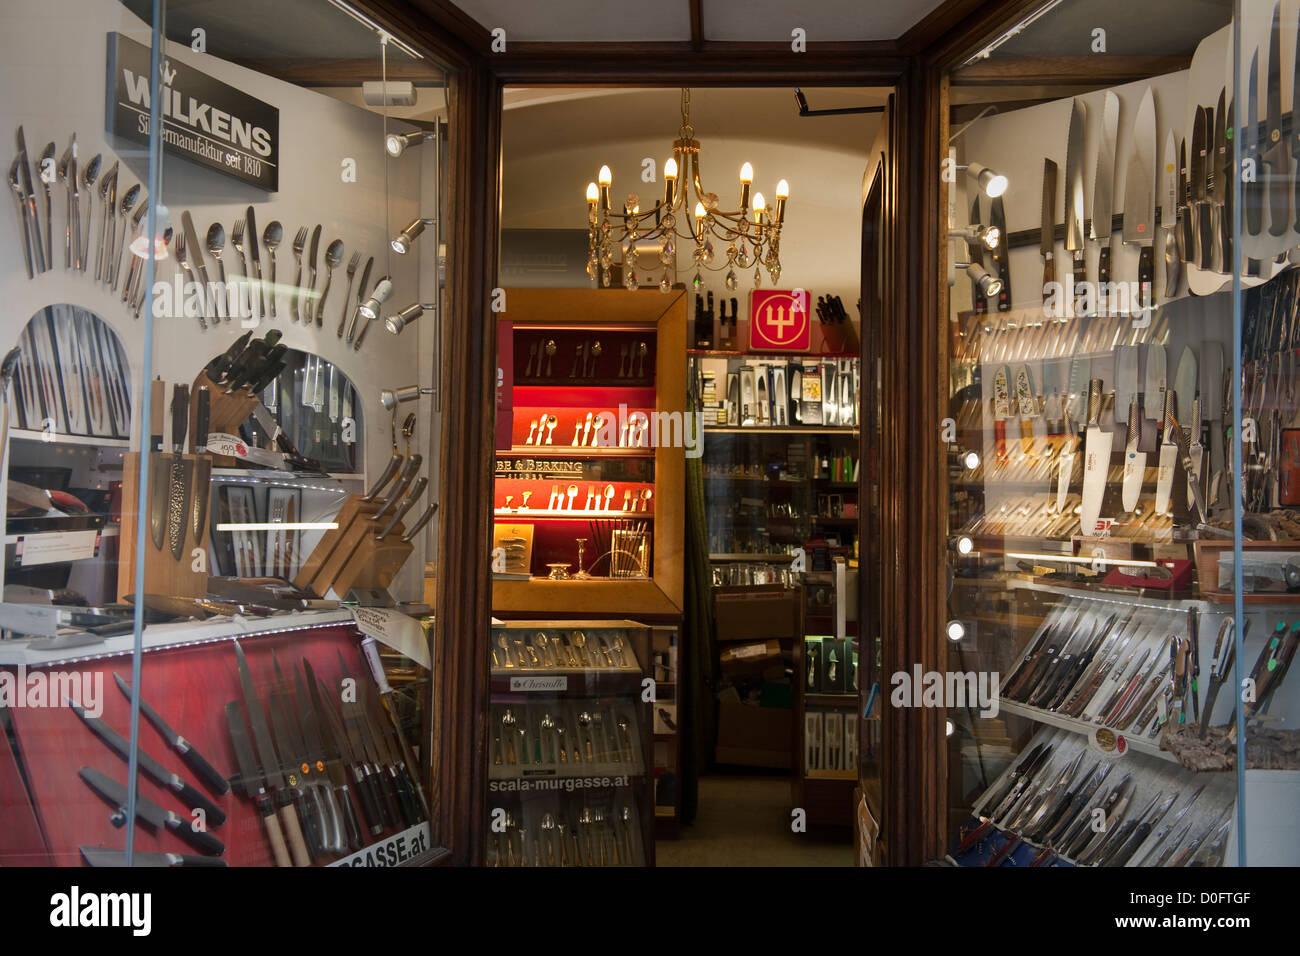 Schaufenster Eines Ladens Verkaufen Kuchenmesser Graz Osterreich